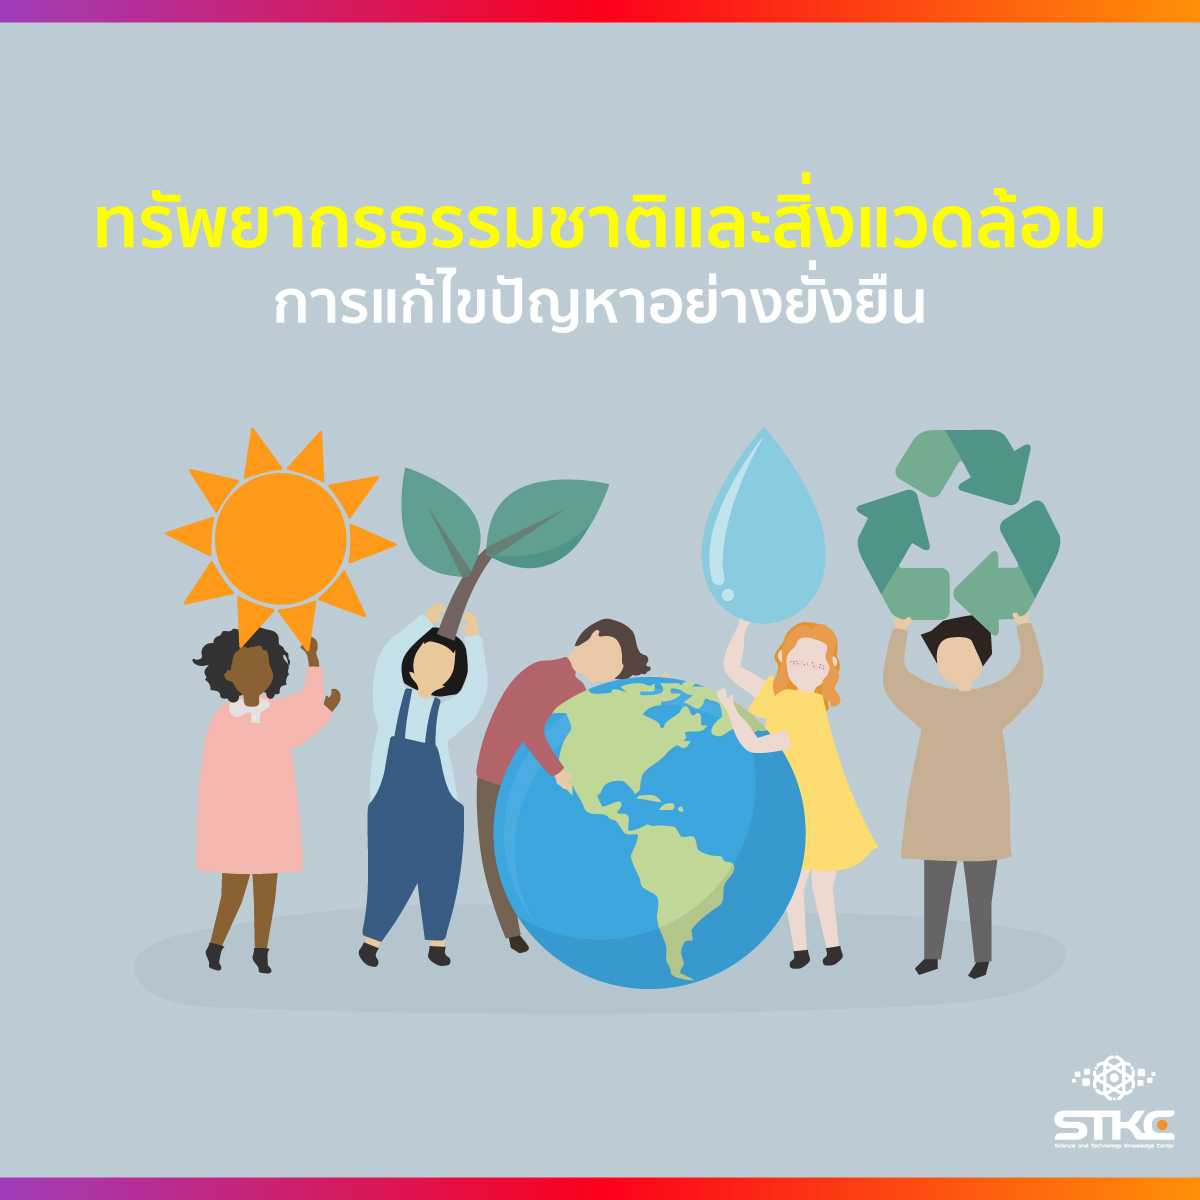 ทรัพยากรธรรมชาติและสิ่งแวดล้อม การแก้ไขปัญหาอย่างยั่งยืน